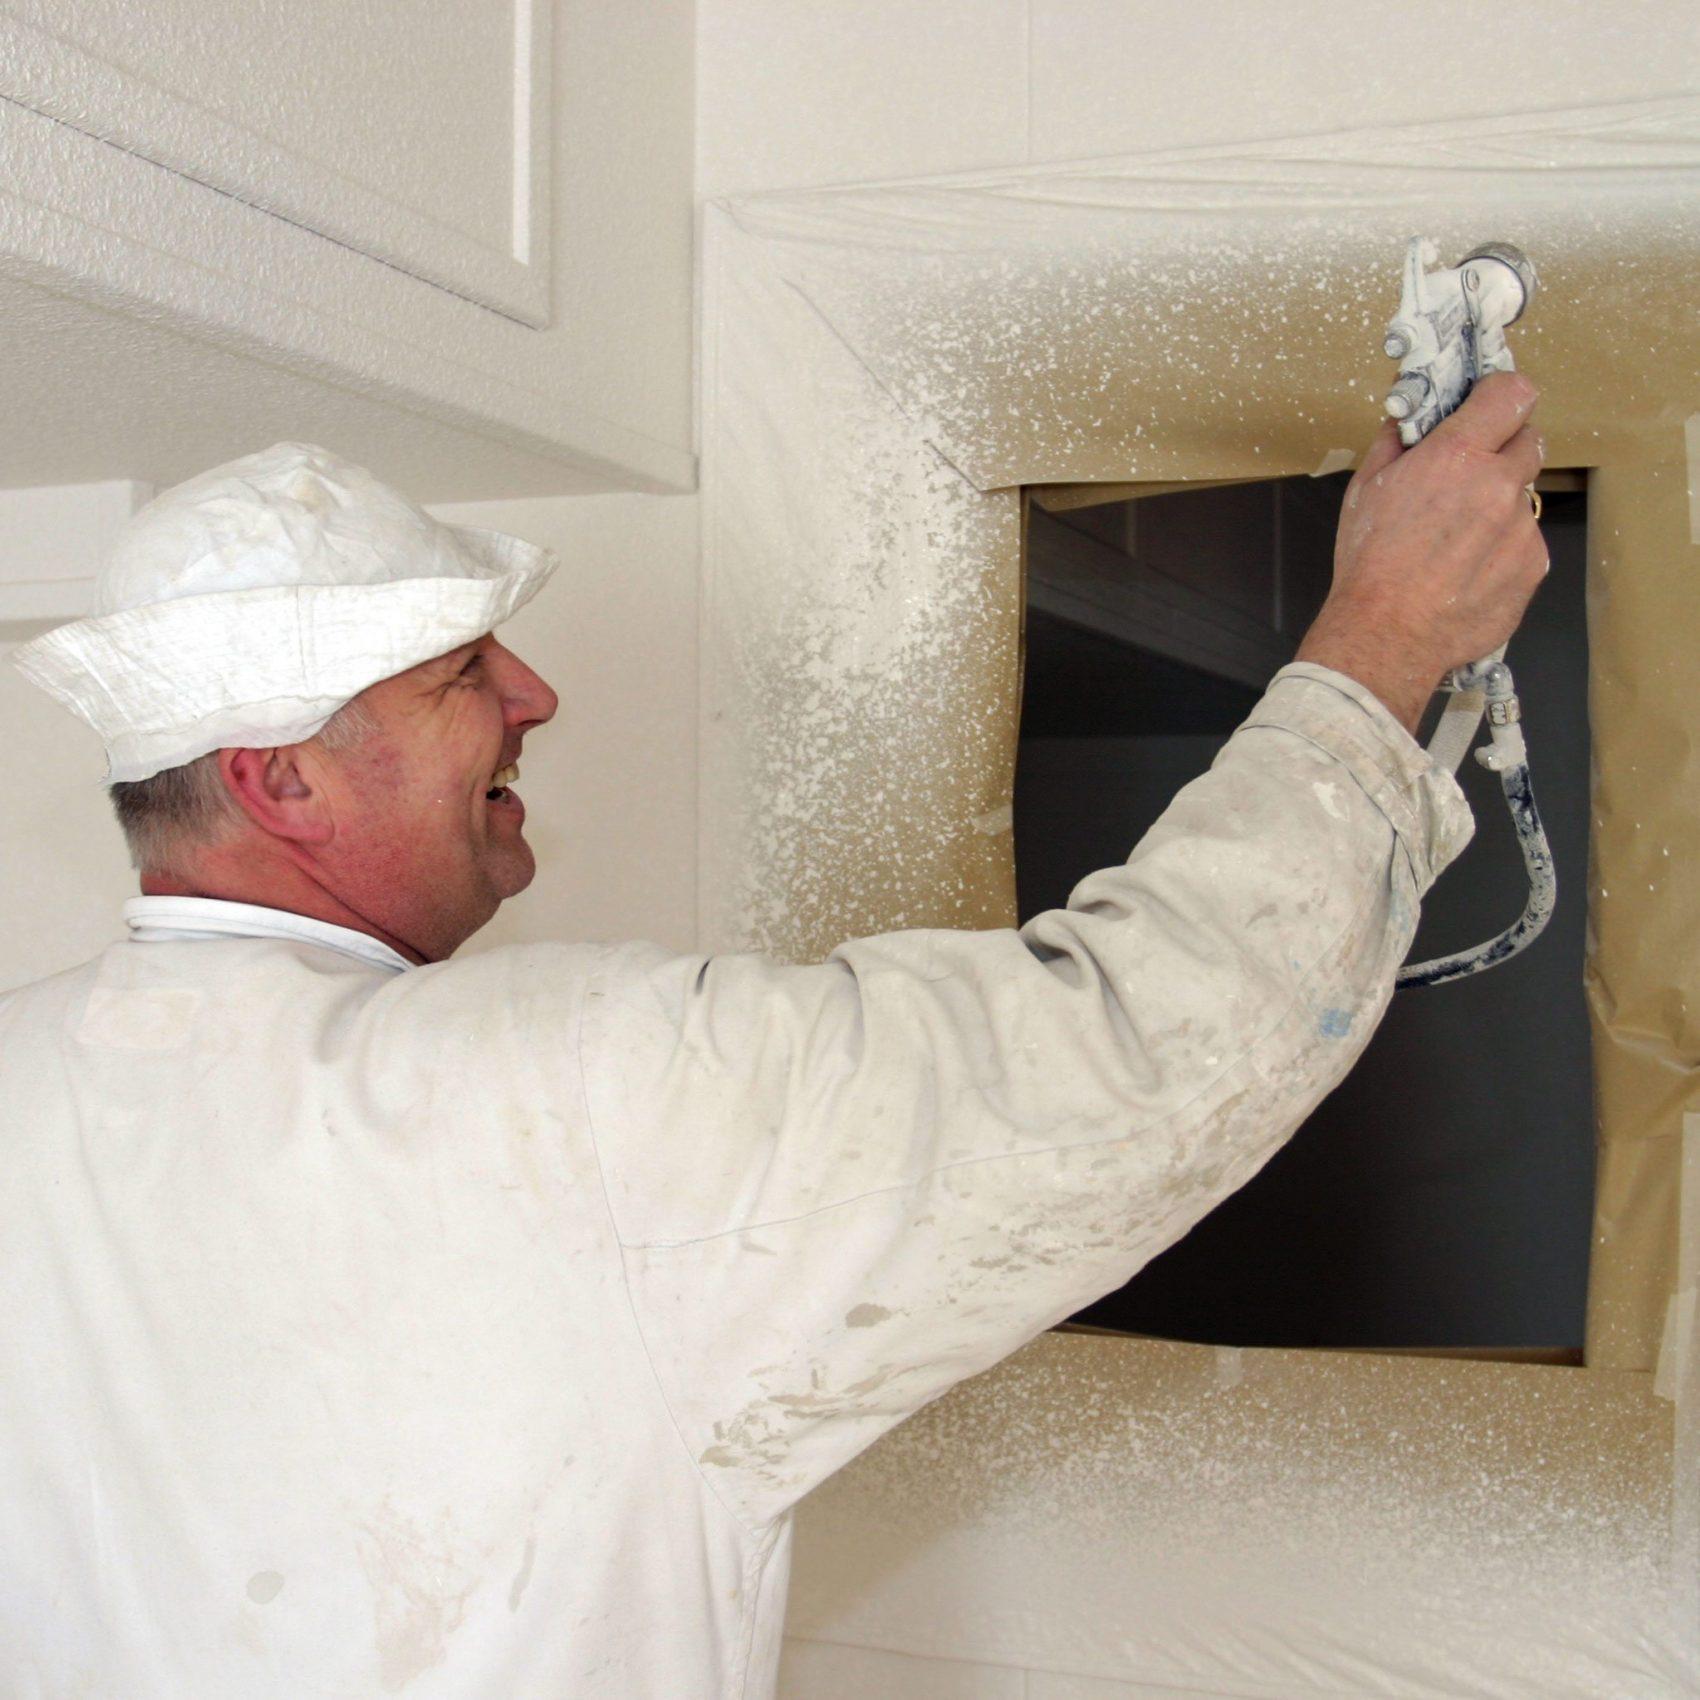 Faay Wanden en Plafonds - Wandbespuiting - Duurzame afwerking